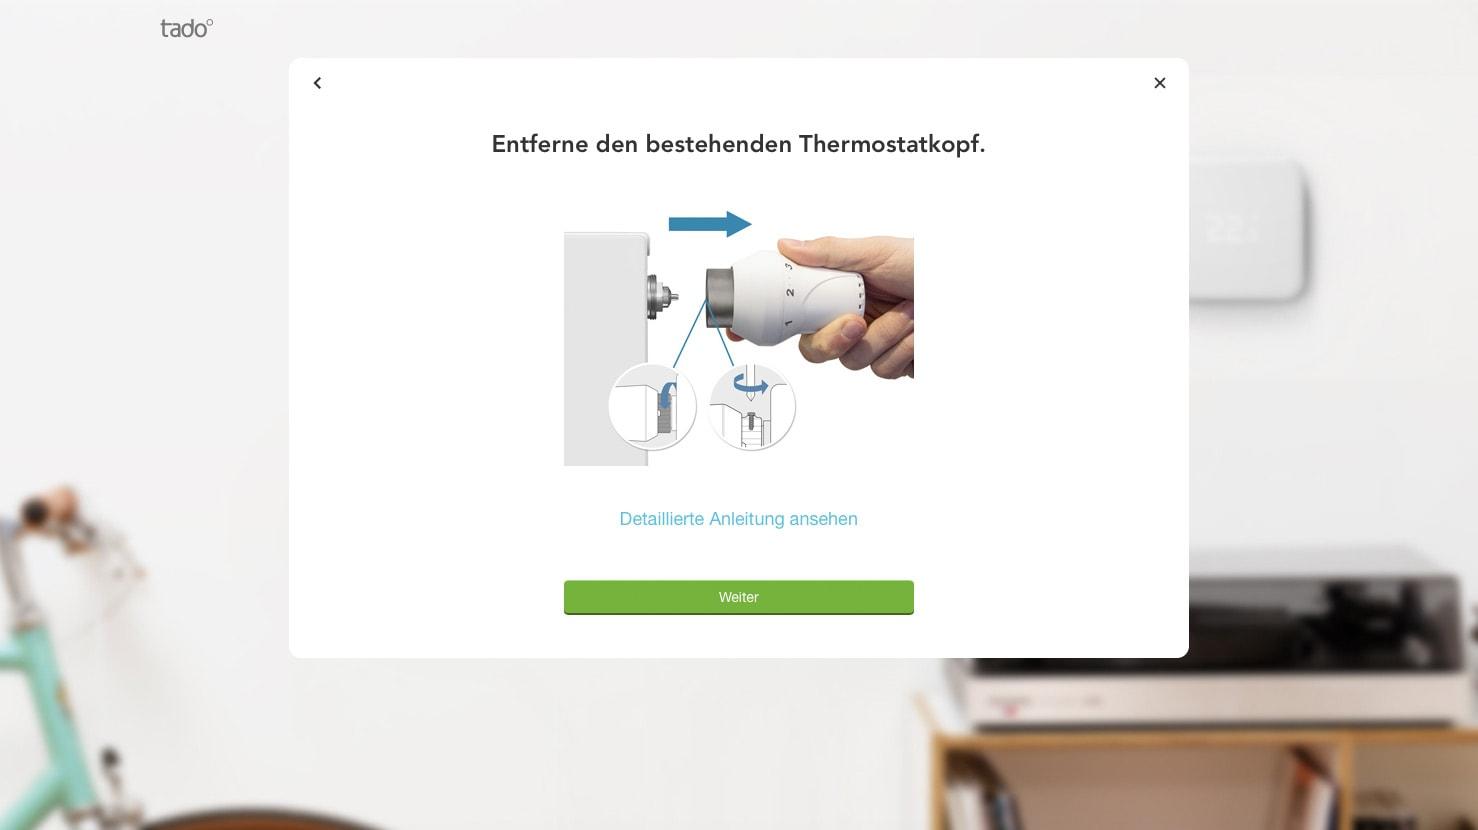 Ausprobiert Tado Smartes Heizkrper Thermostat Mit Wiring Diagram For Abwesenheitserkennung Und Anbindung An Ifttt Alexa Homekit